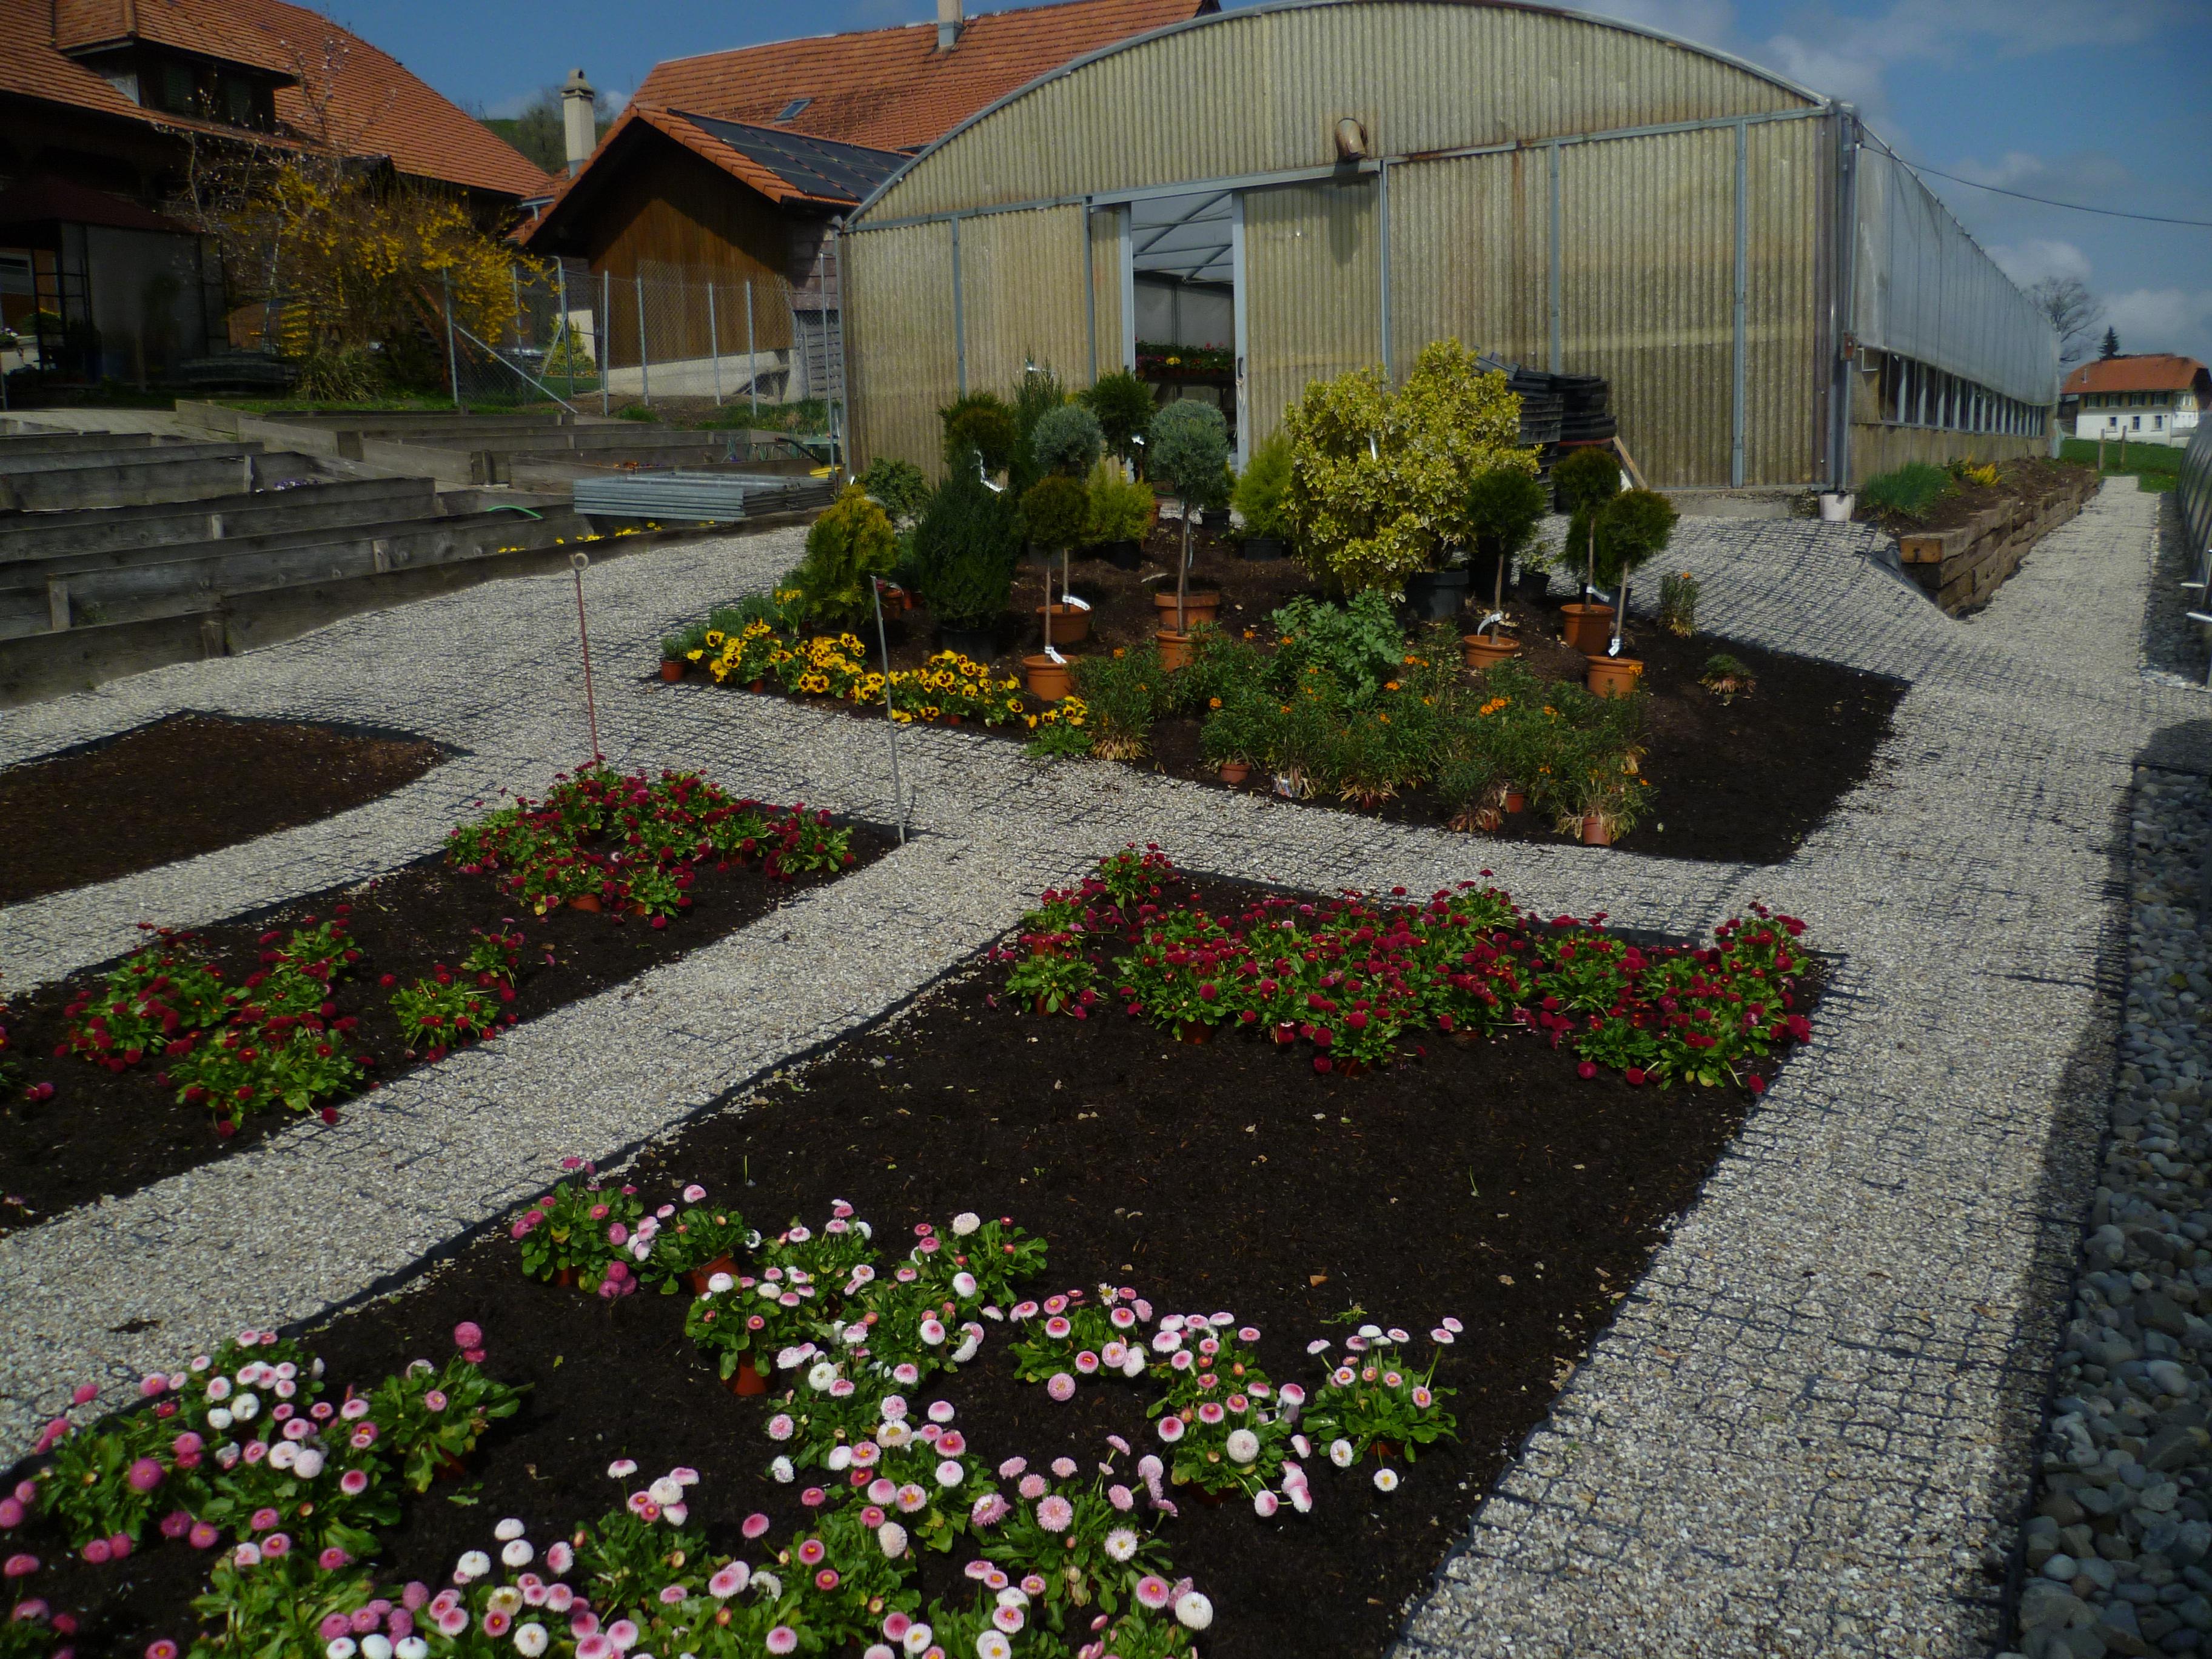 Schweiz_DirimAG_Ecoraster Gartenbau Eicher 6170 Schüpfheim LU (2)